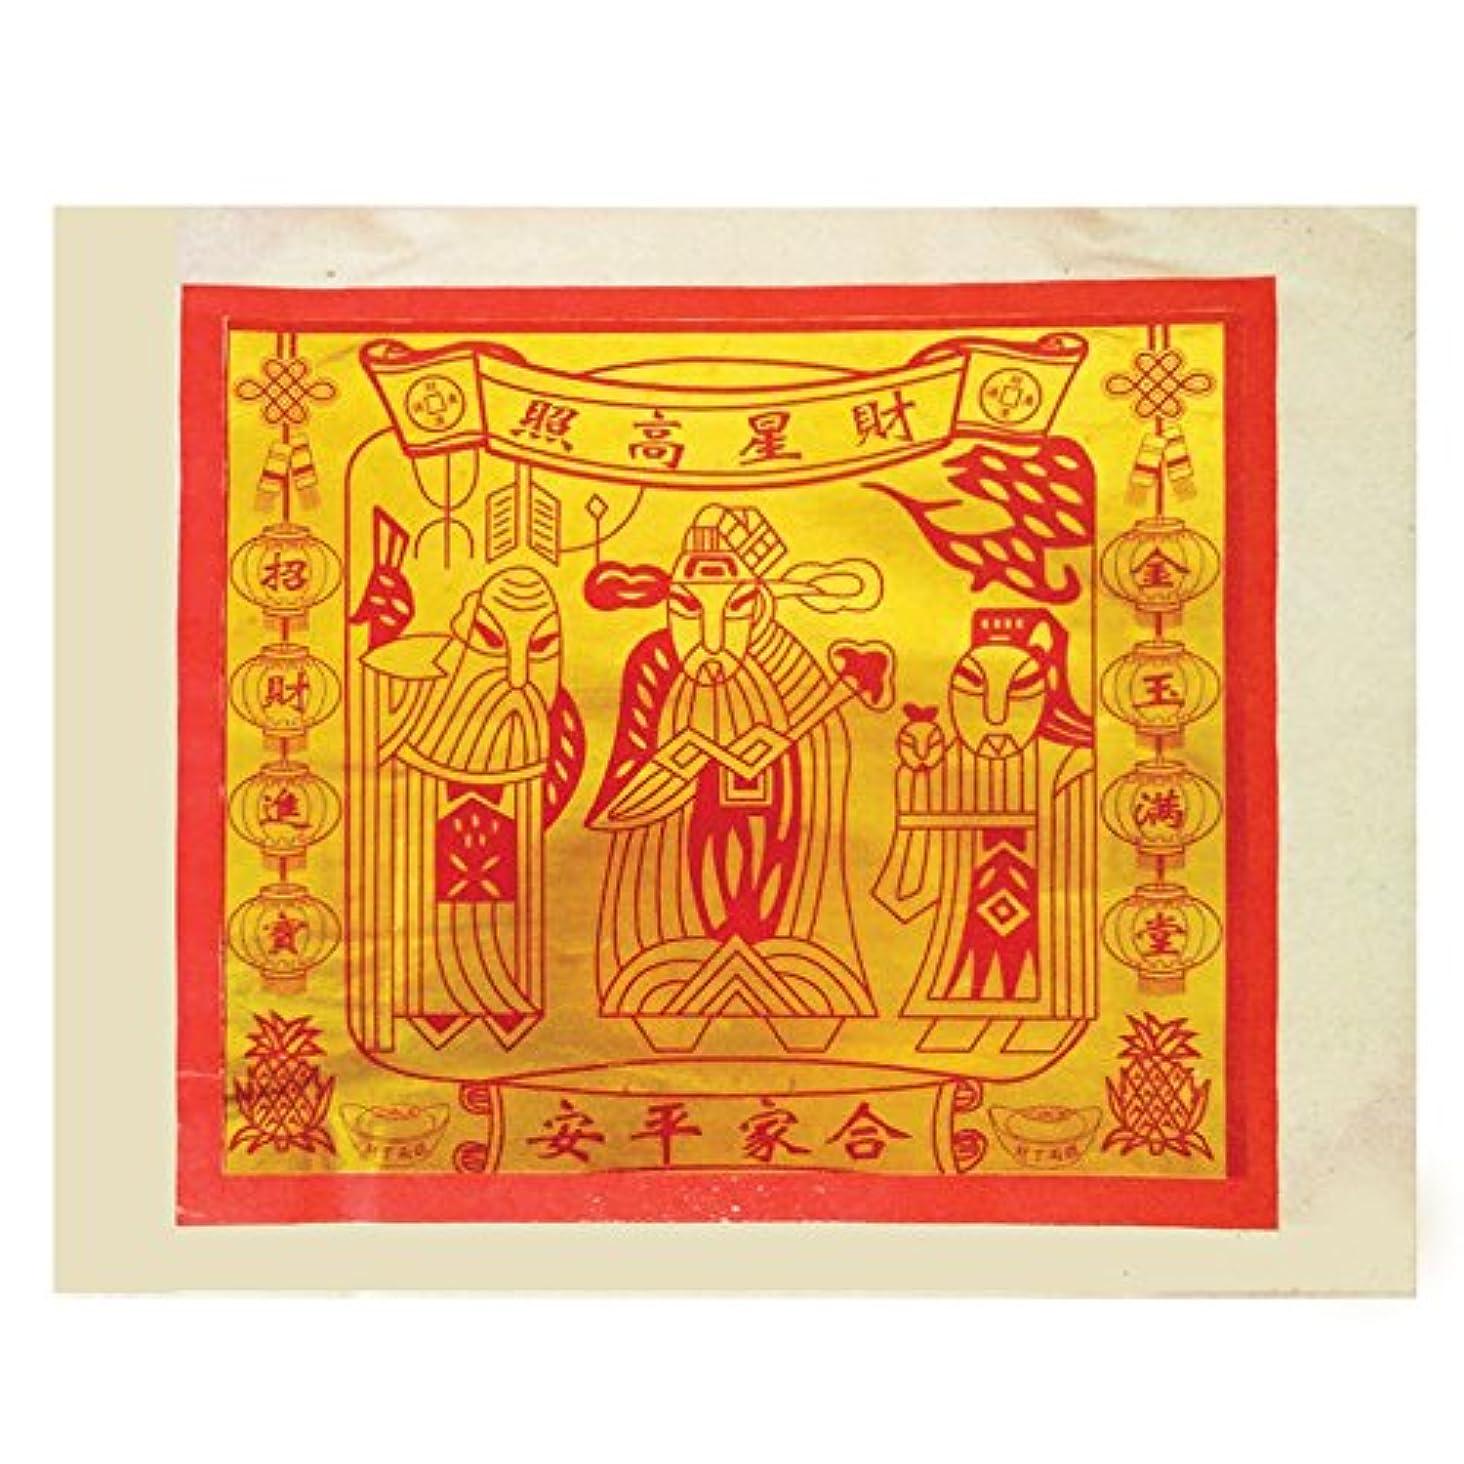 聖人抑圧地雷原80pcs Incense用紙/ Joss用紙with Gold Foil ( Mediumサイズ) 10.6インチx 10.4インチ